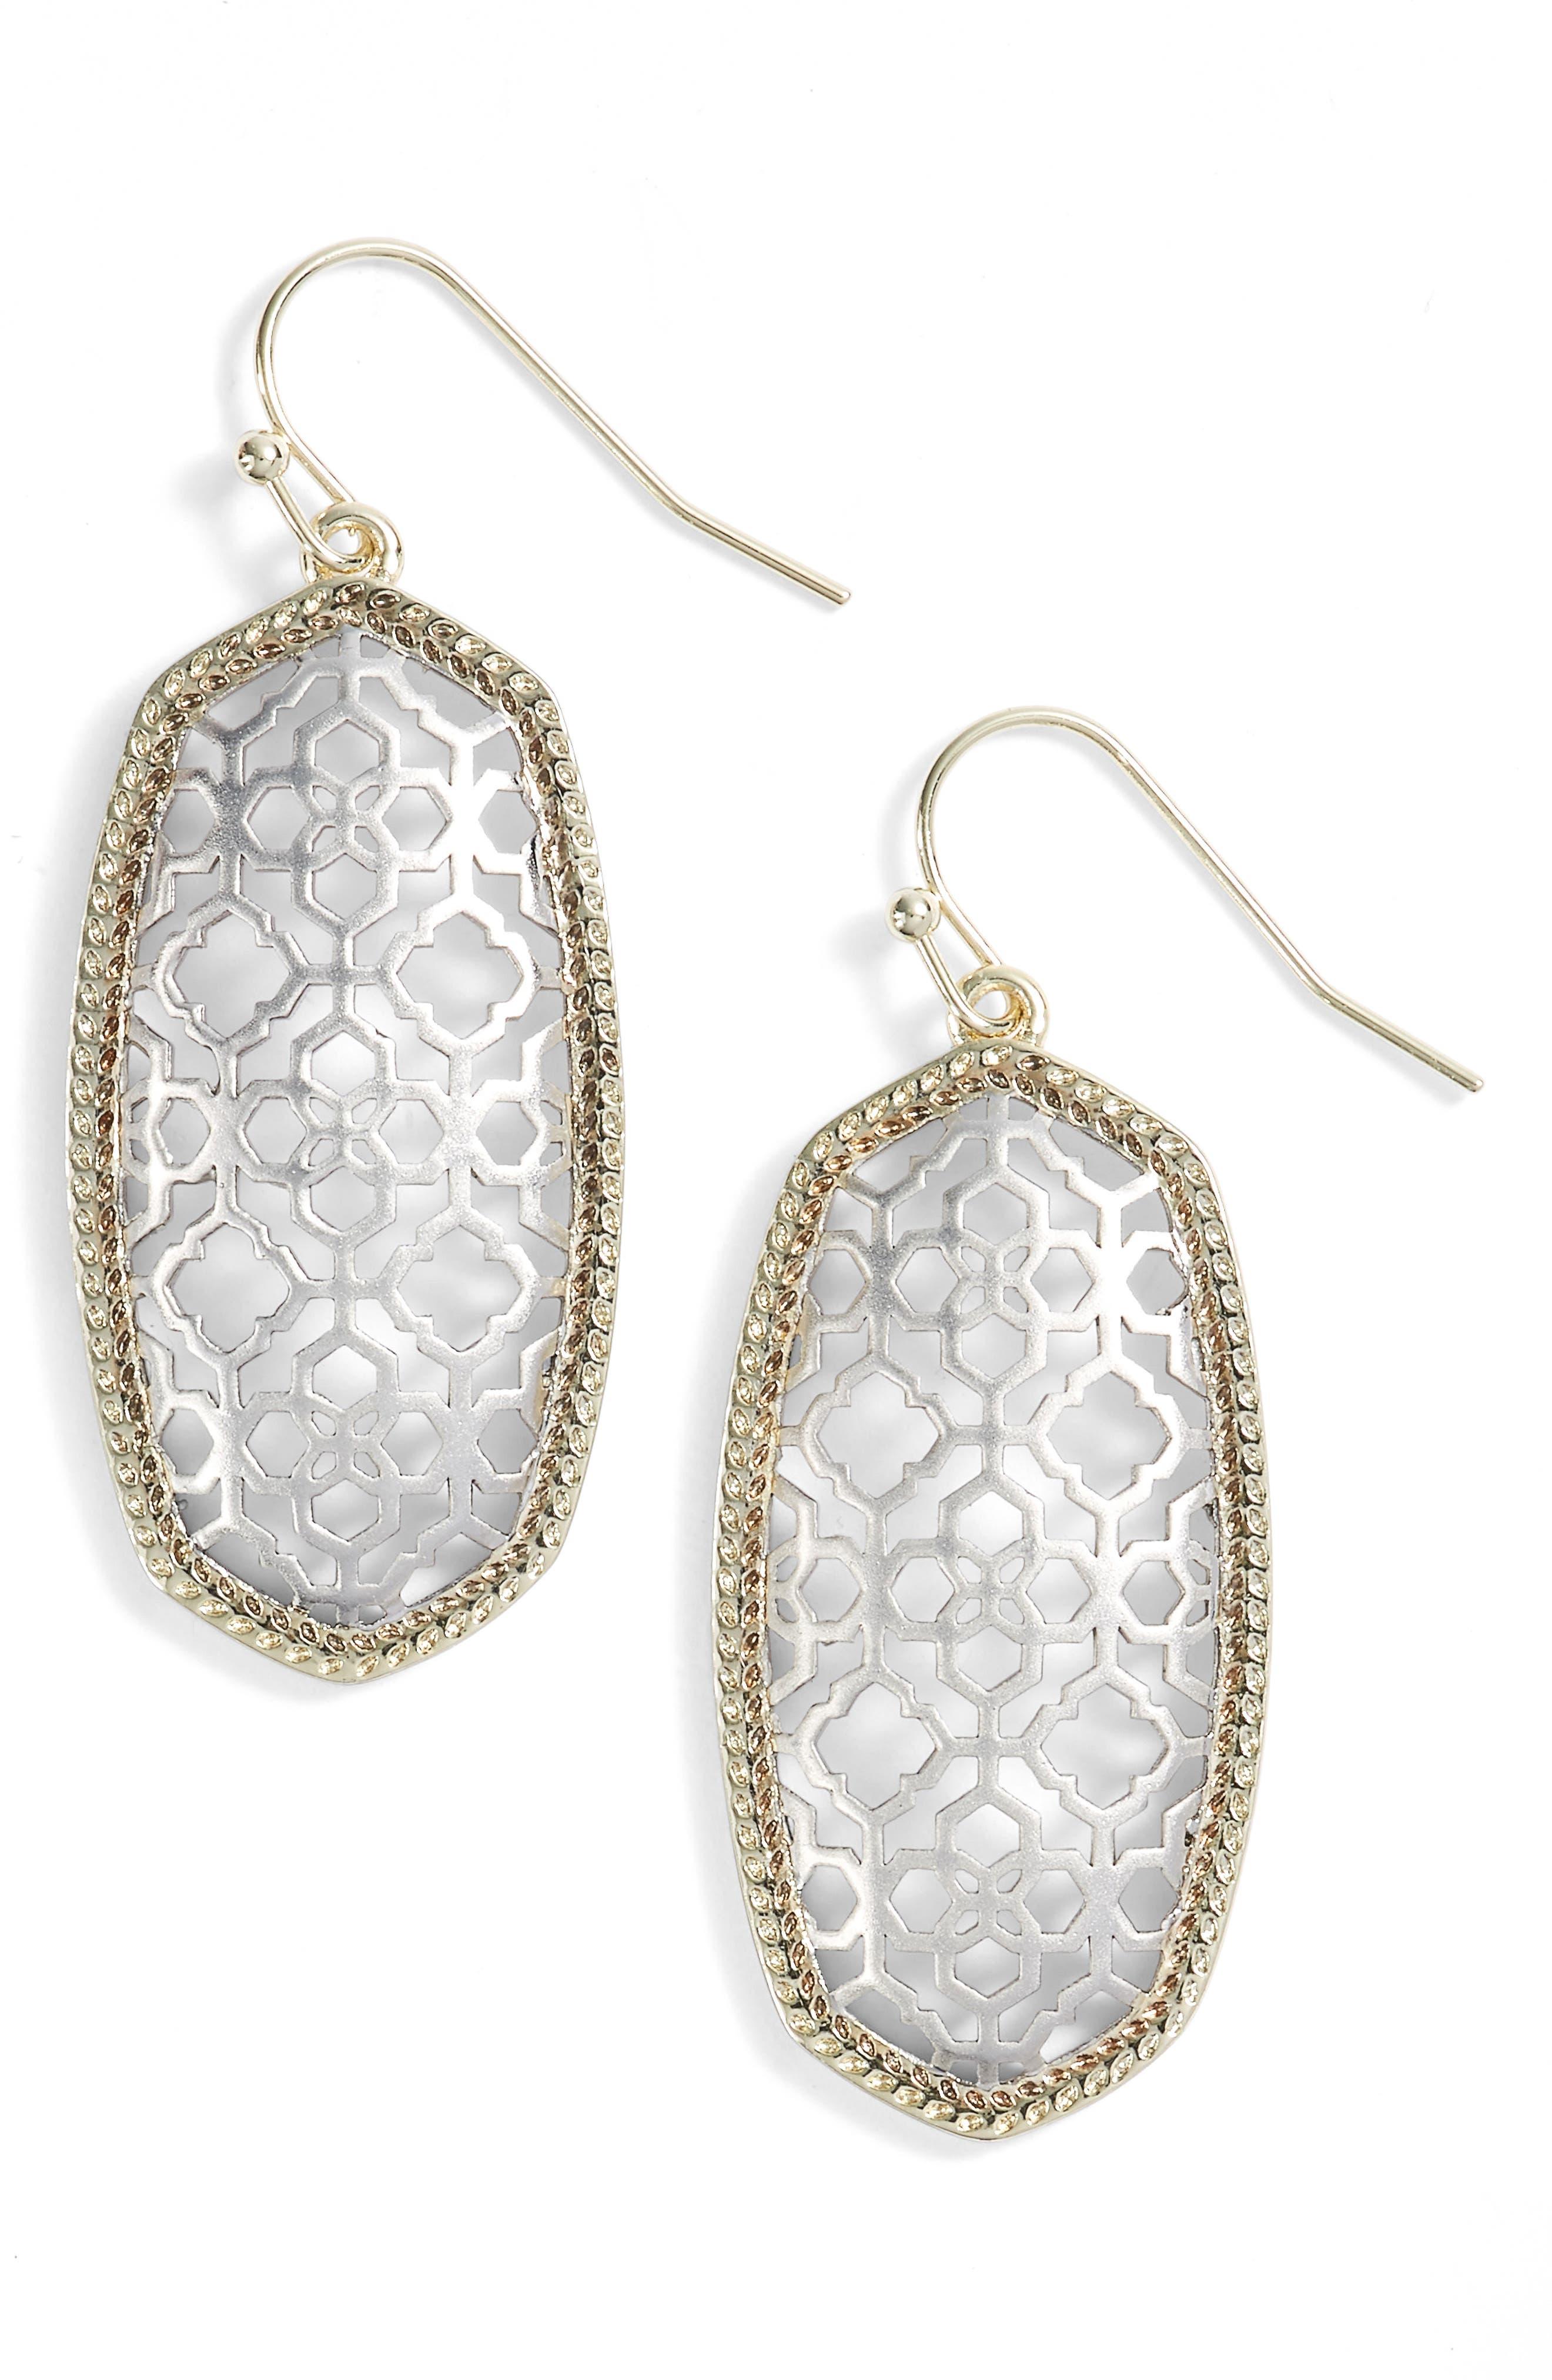 KENDRA SCOTT Elle Openwork Drop Earrings